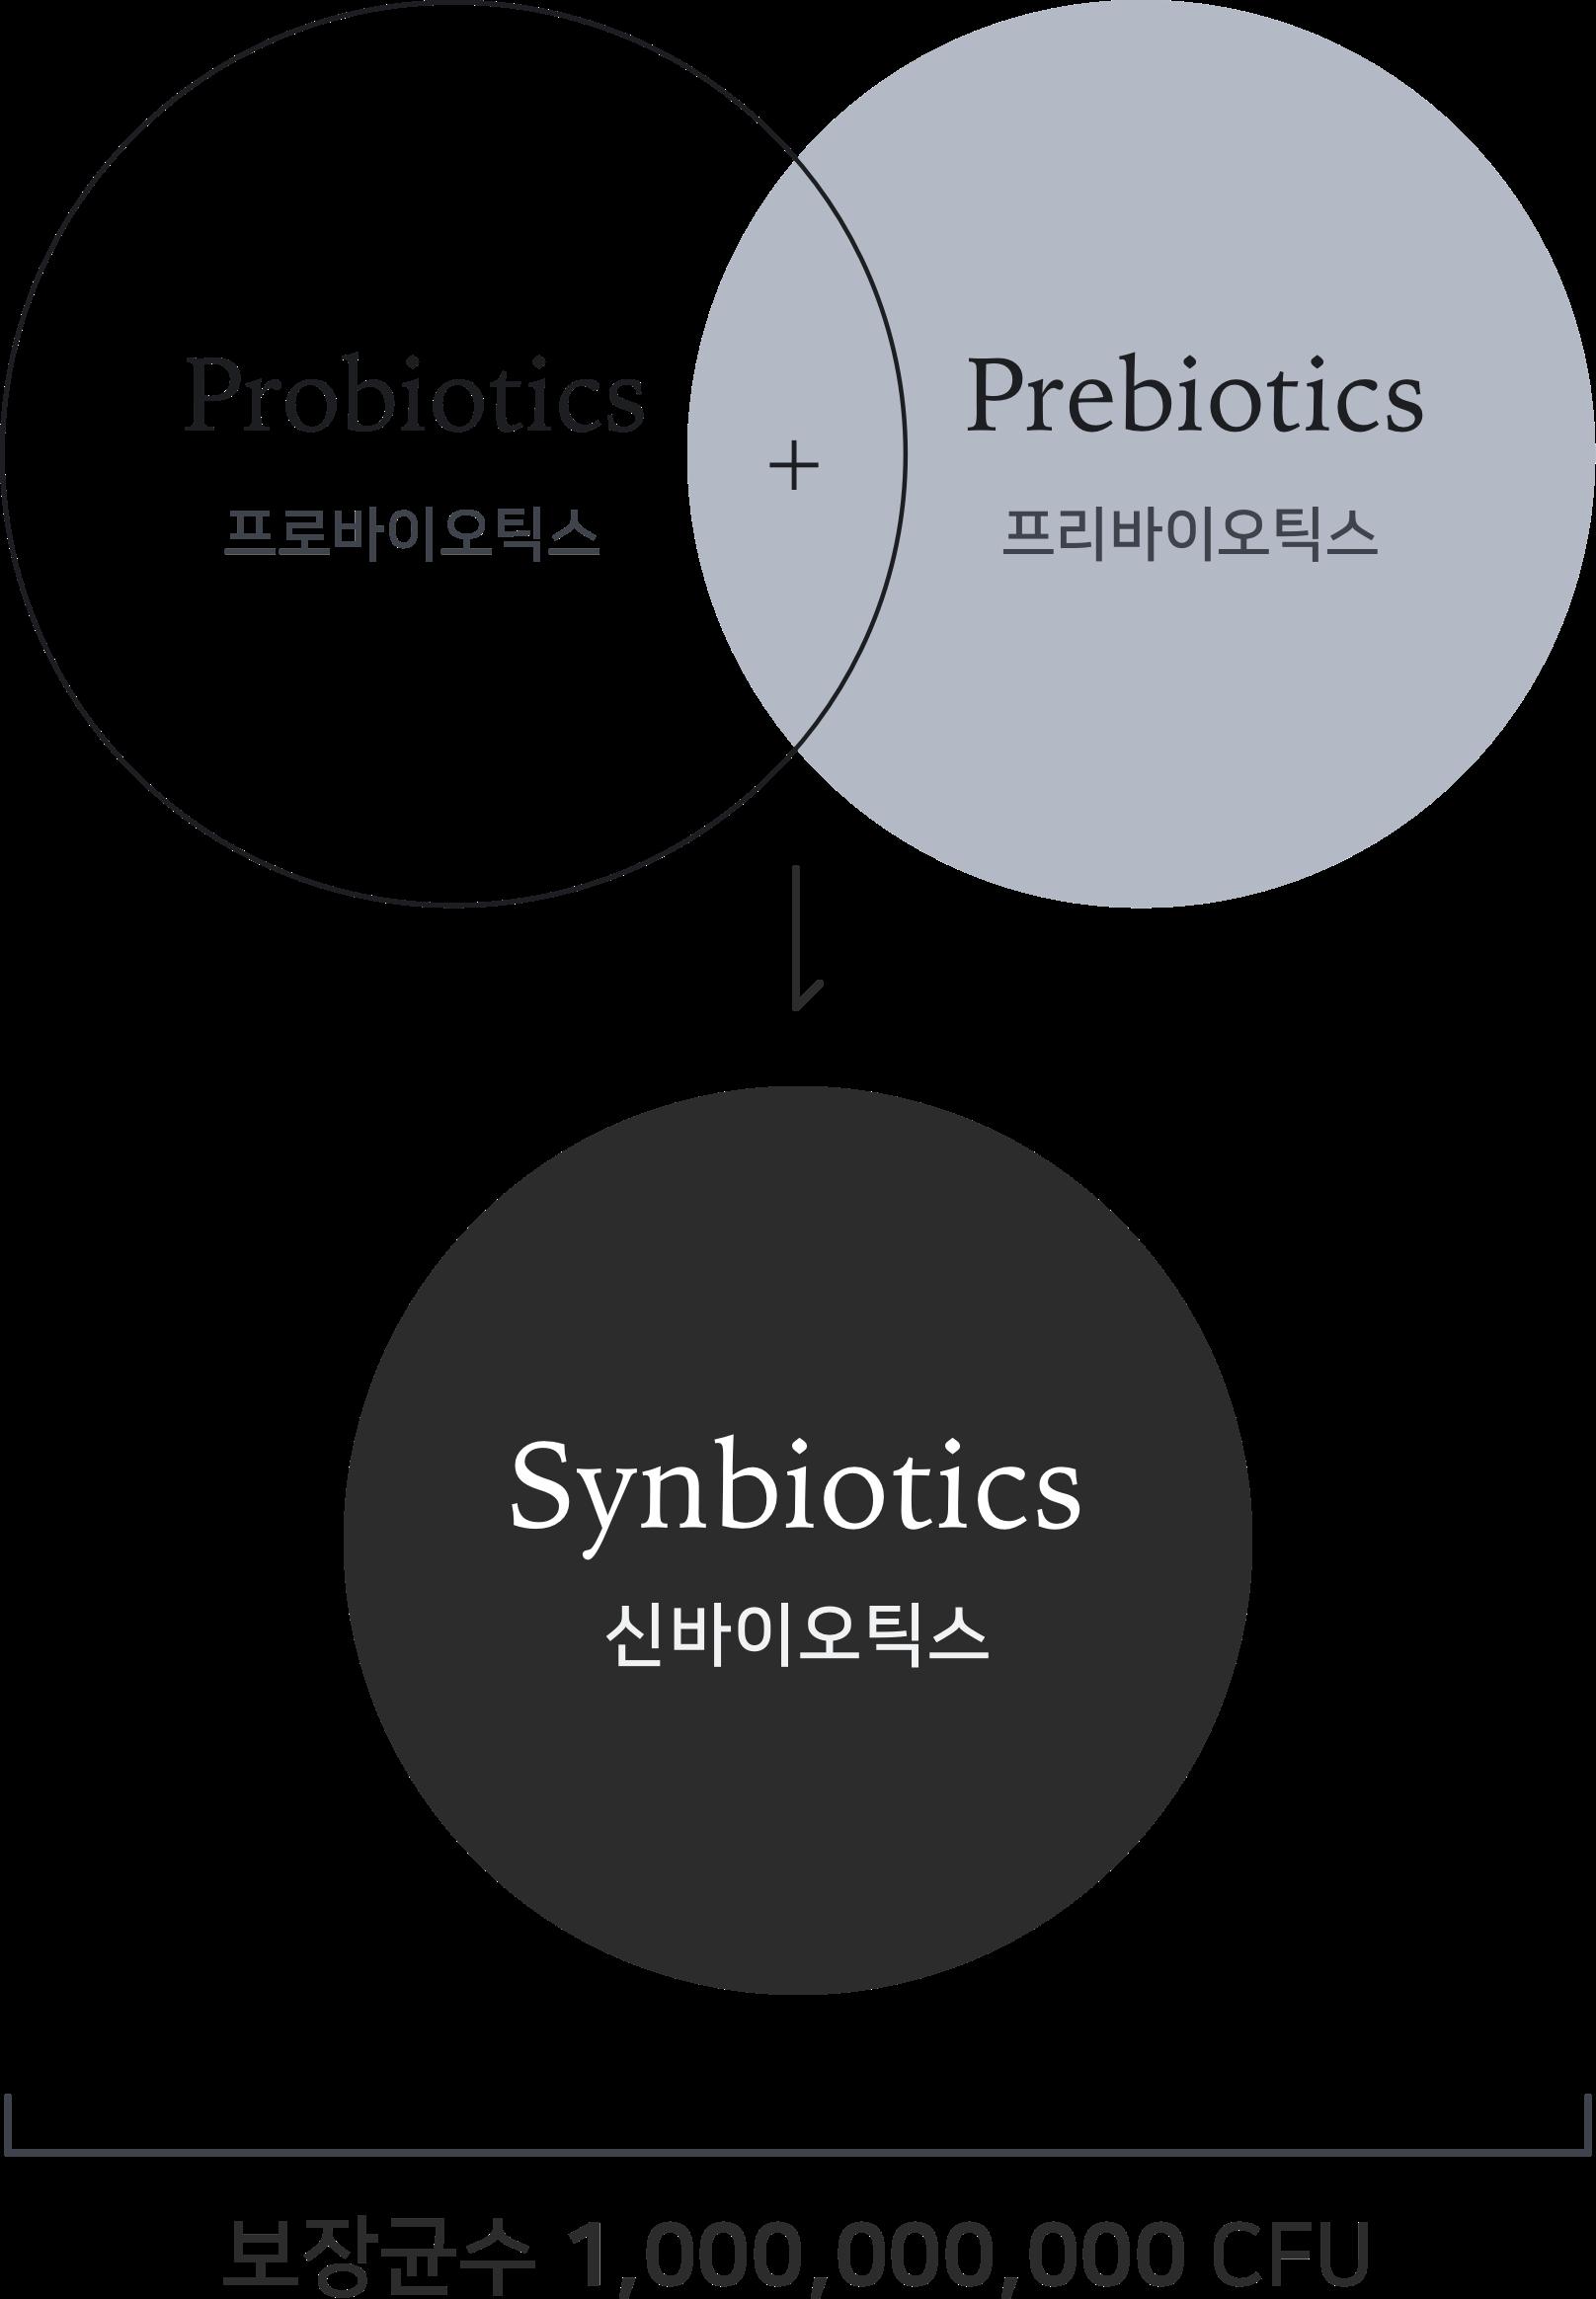 프로바이오틱스 프리바이오틱스 신바이오틱스 보장균수 1000000000 CFU